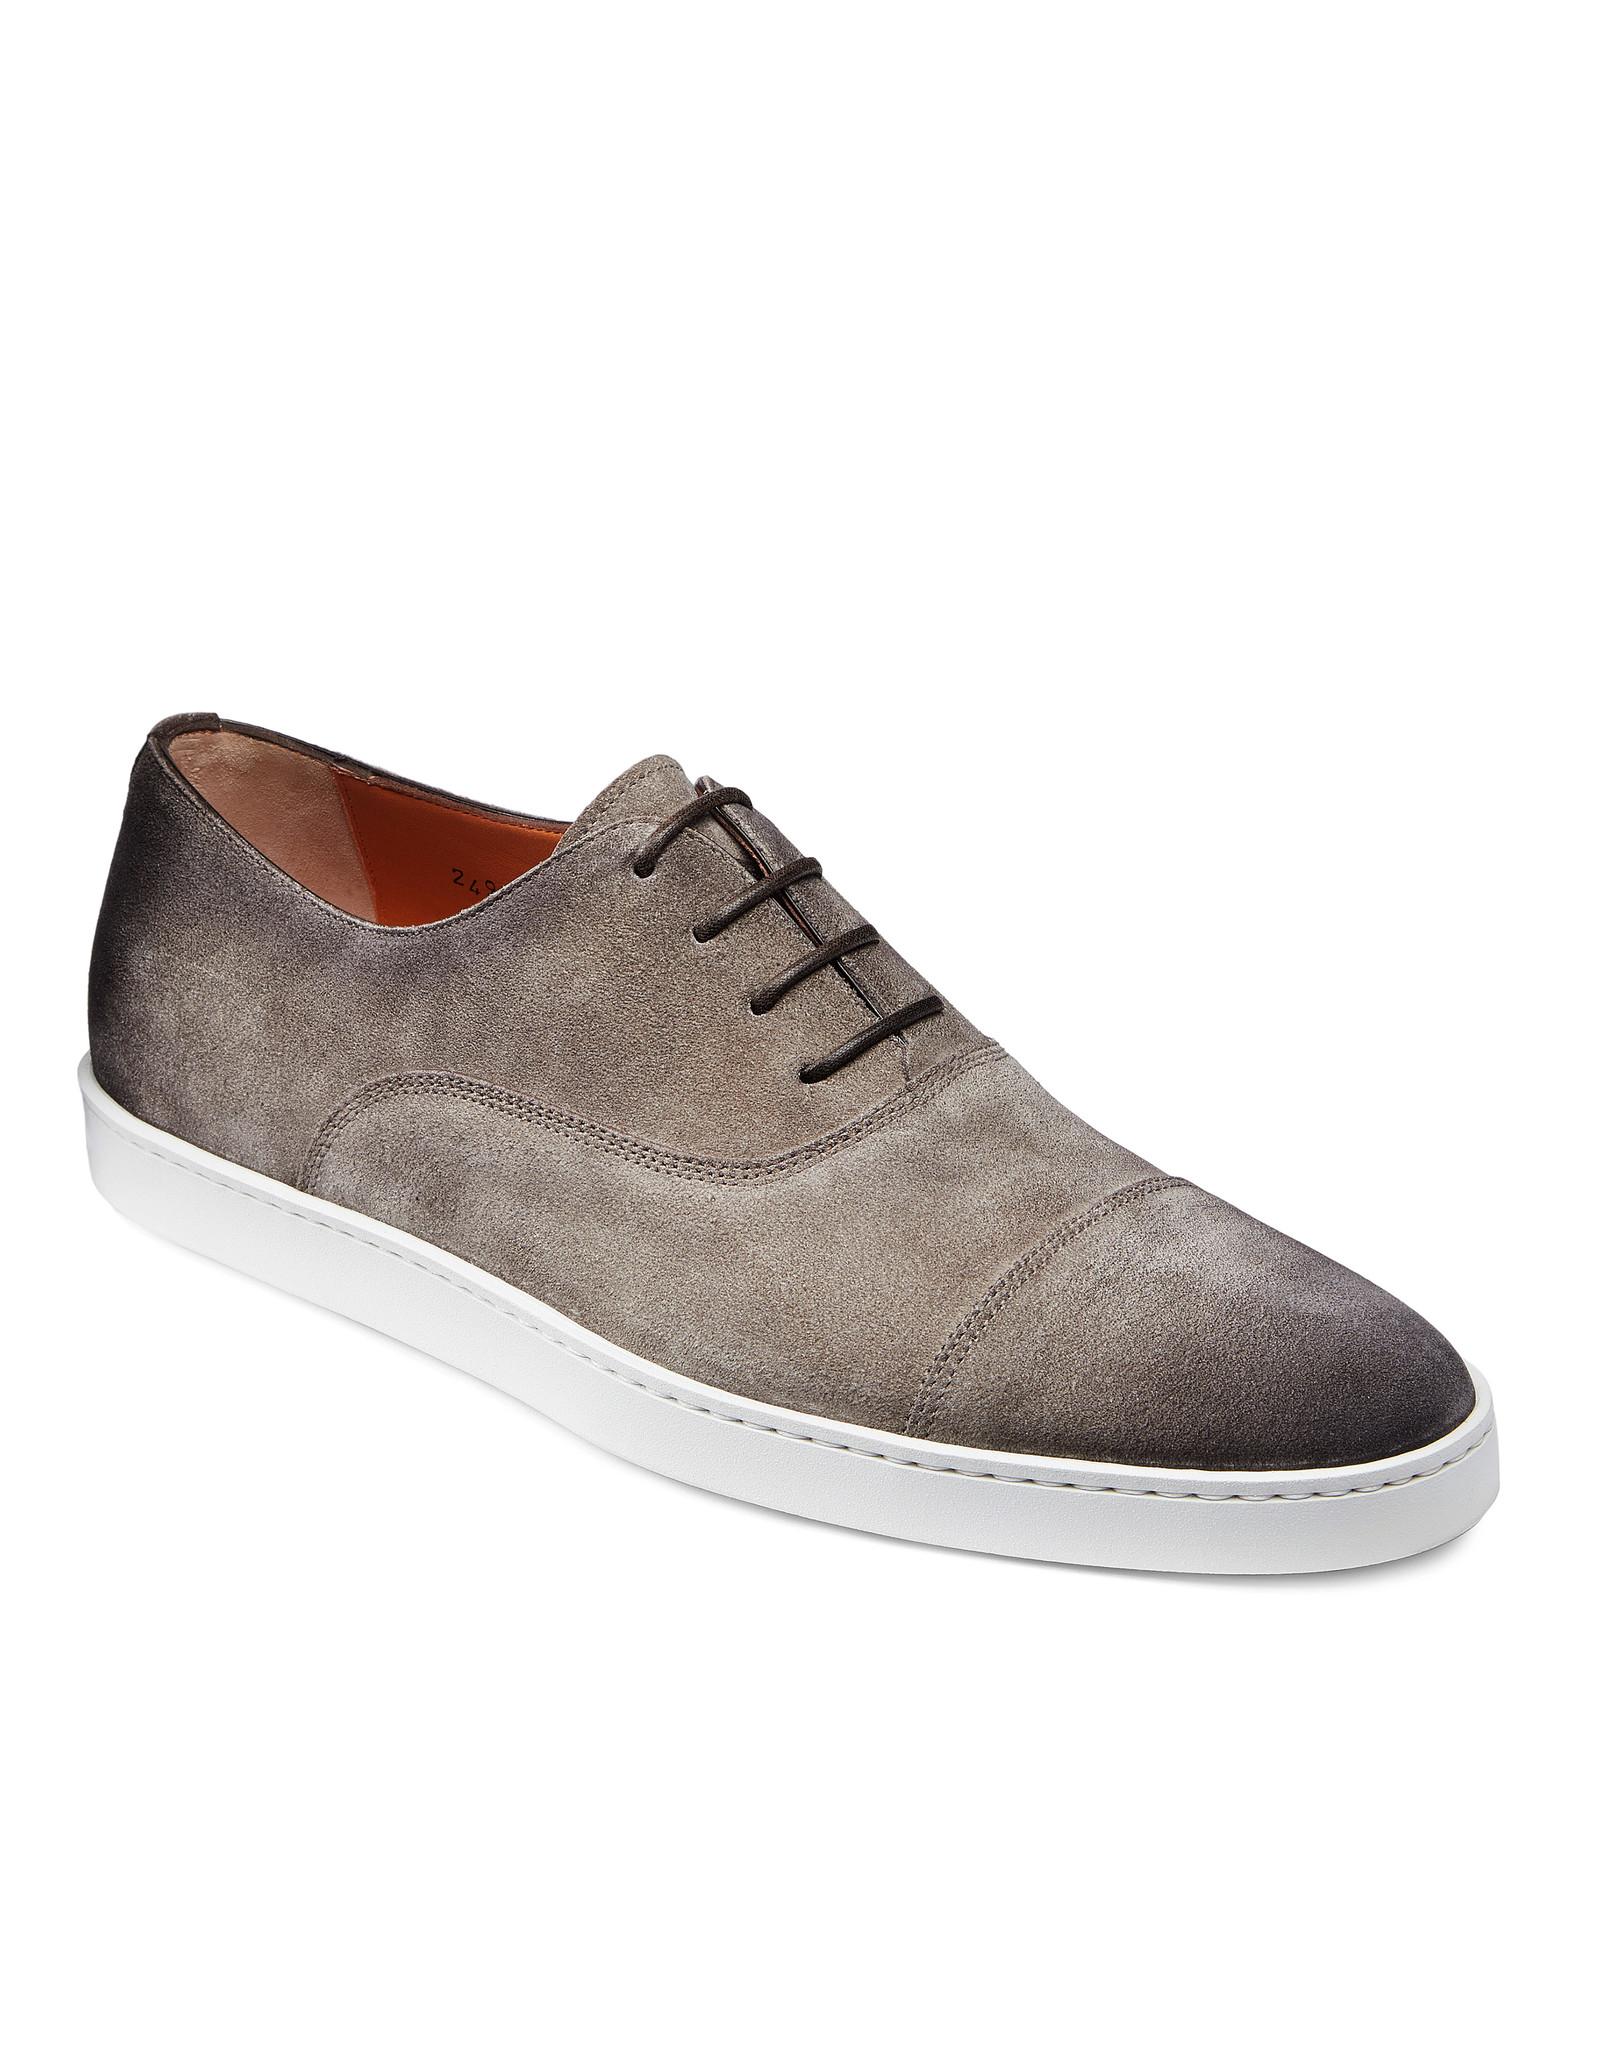 Santoni Santoni Durbin Sneaker